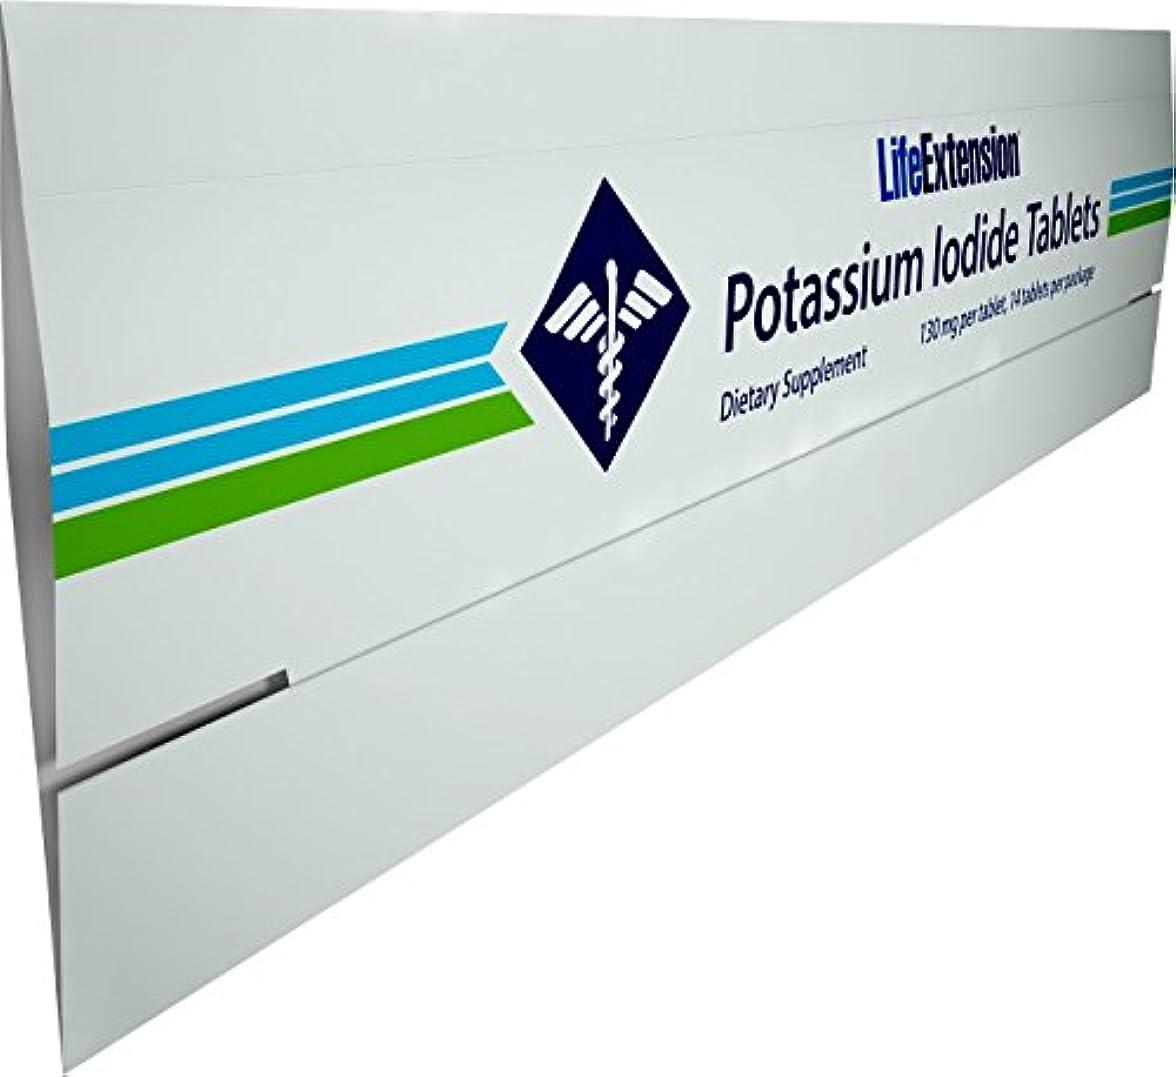 何故なの避けられない特別に【短期間用:ヨウ化カリウム】 Life Extension - Potassium Iodide Tablets 130 mg - 14錠  ~海外直送品~